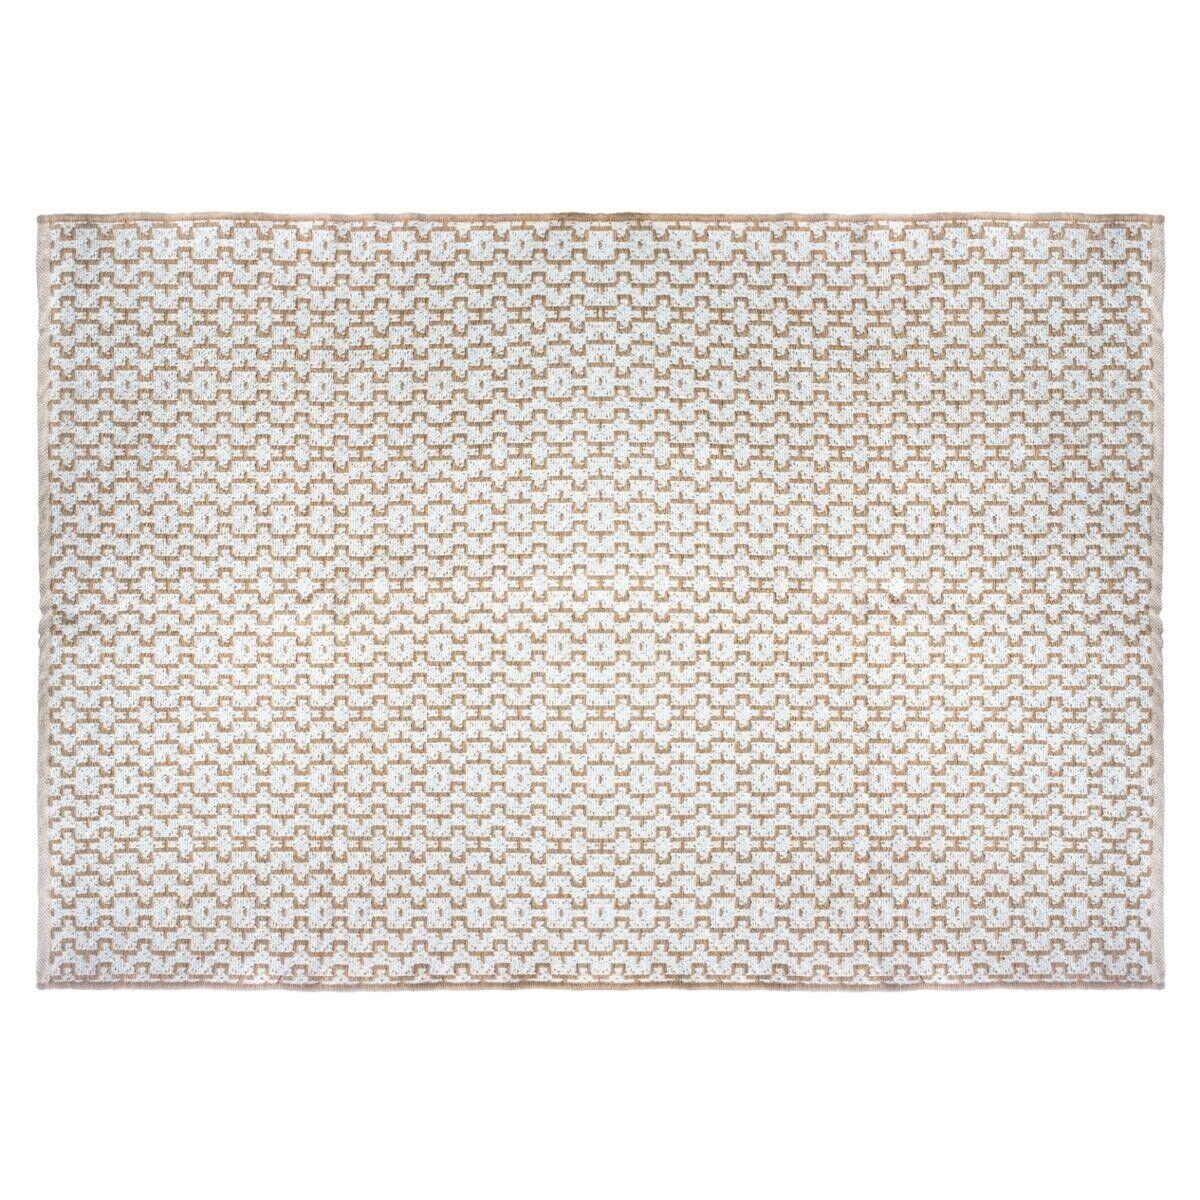 Atmosphera Tapis blanc en jute coton 120x170 cm